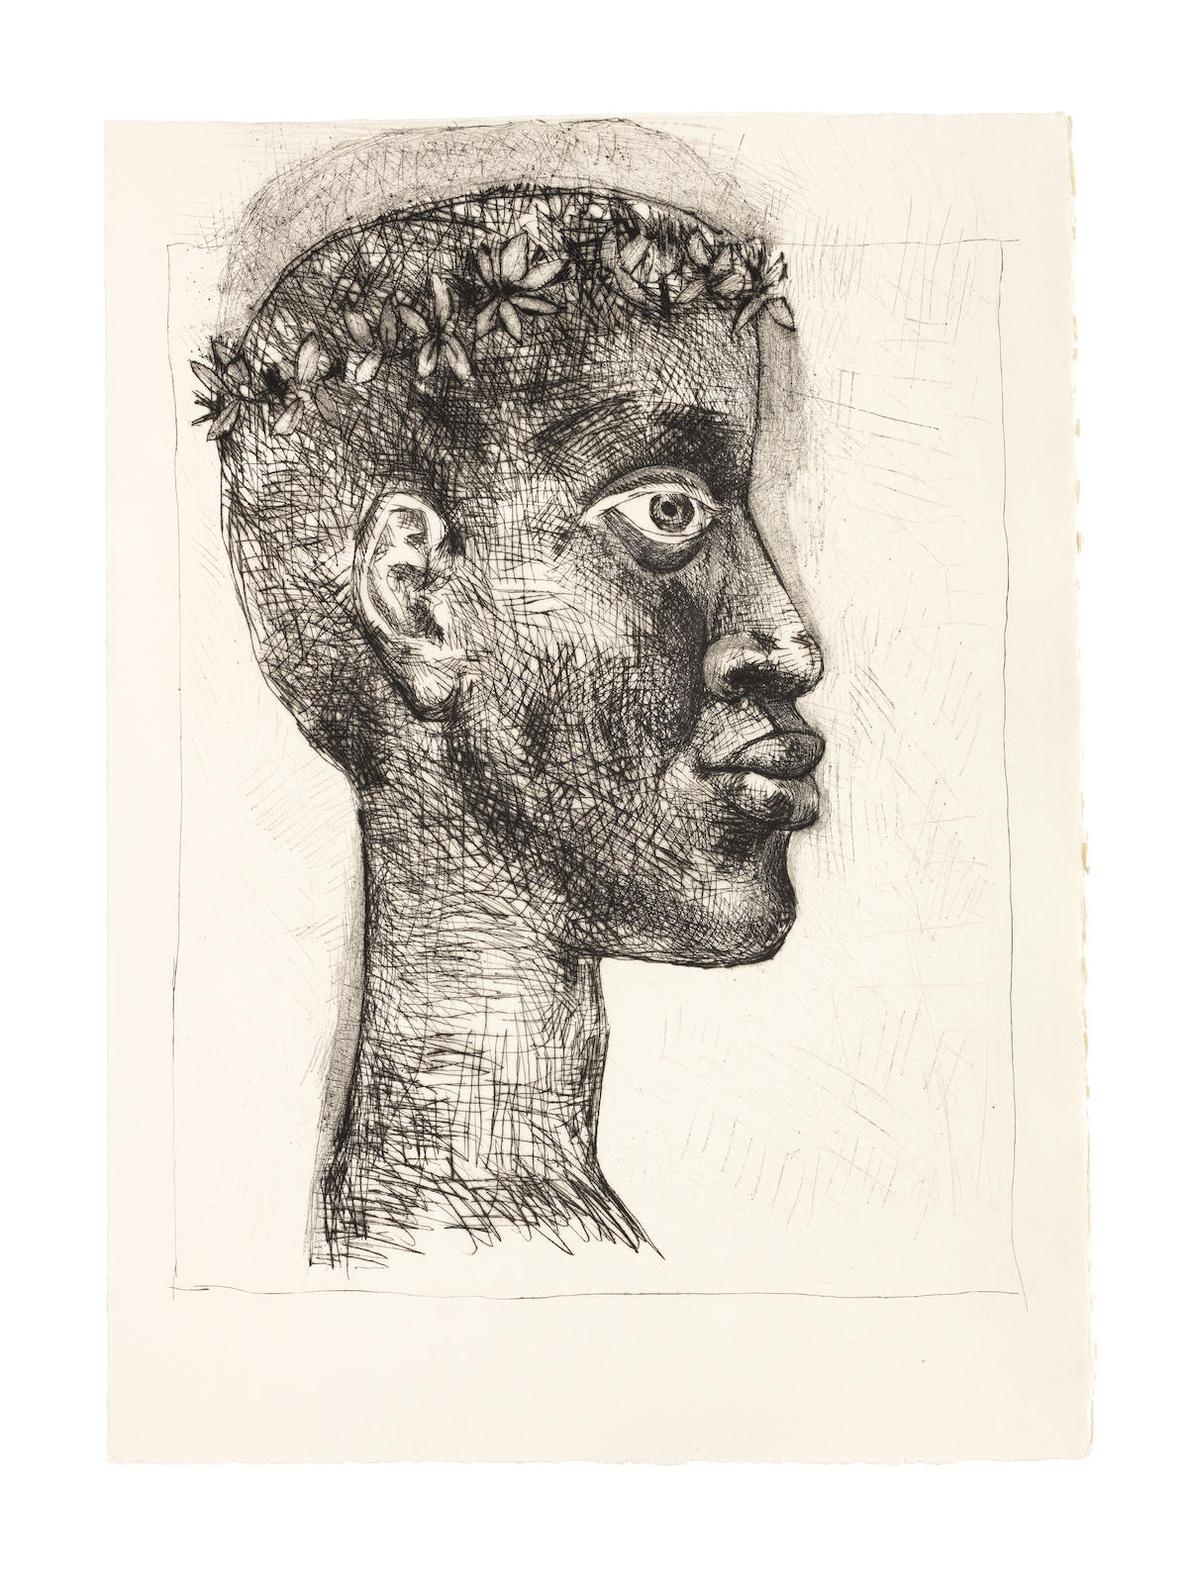 Pablo Picasso-Aime Cesaire, Corps Perdu, Editions Fragrance, Paris, 1950 (Cramer Books 56; Bloch 632-663; Baer 840-871)-1950